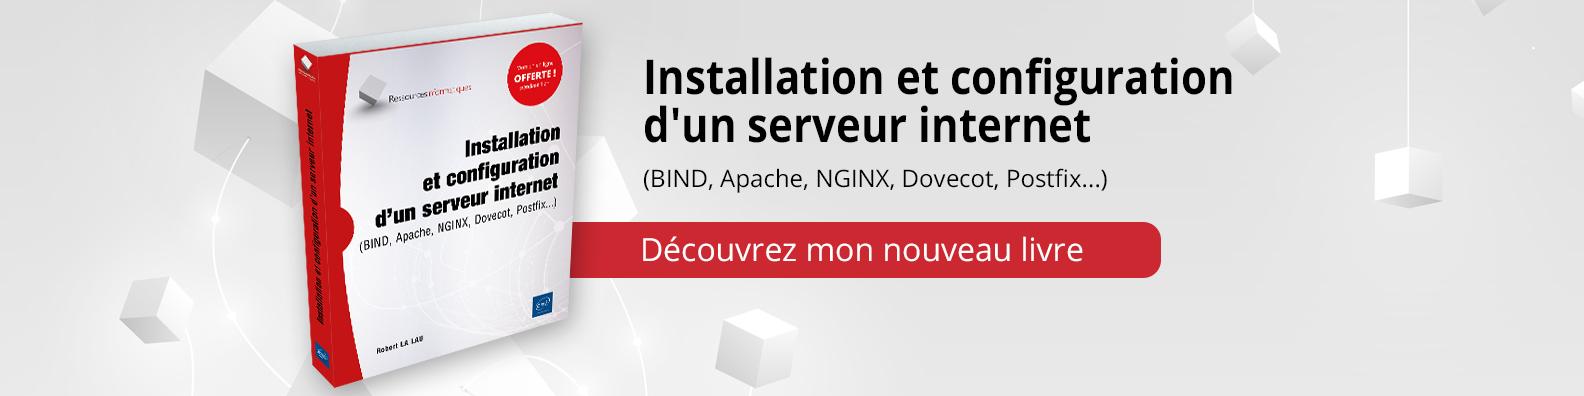 Installation et configuration d'un serveur internet